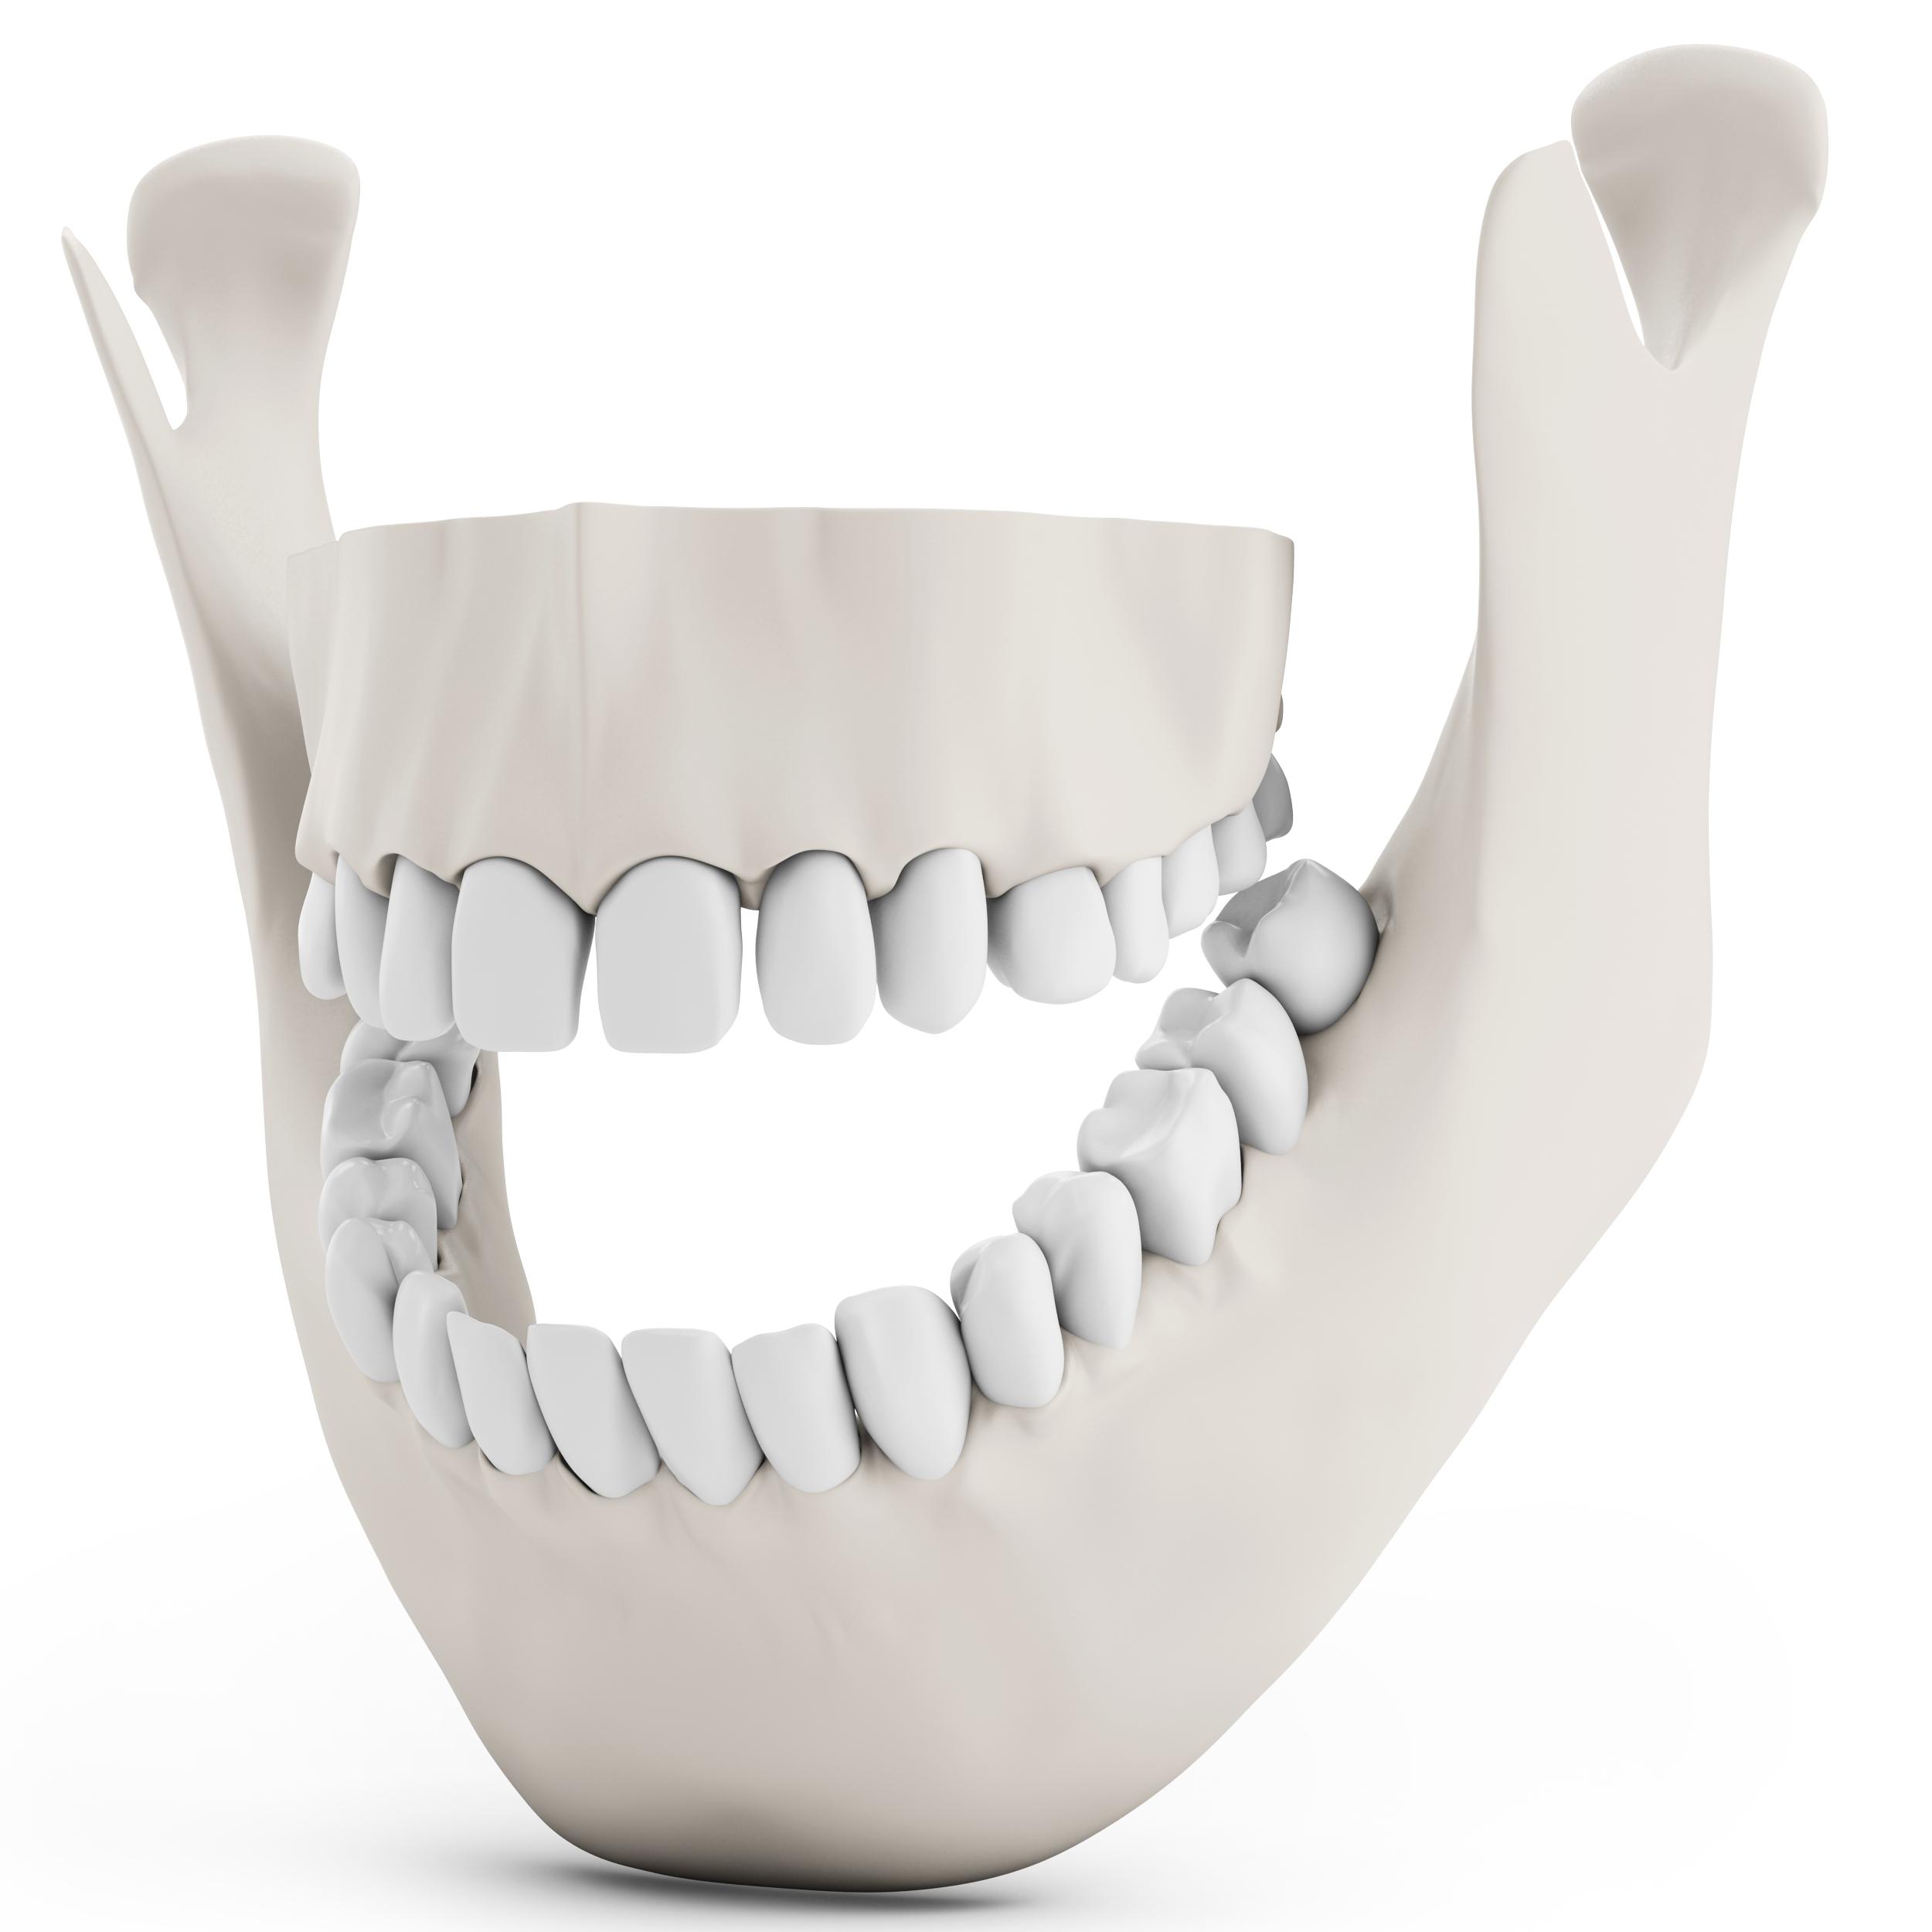 השתלת שיניים, השתלות שיניים - לסת עליונה ותחתונה